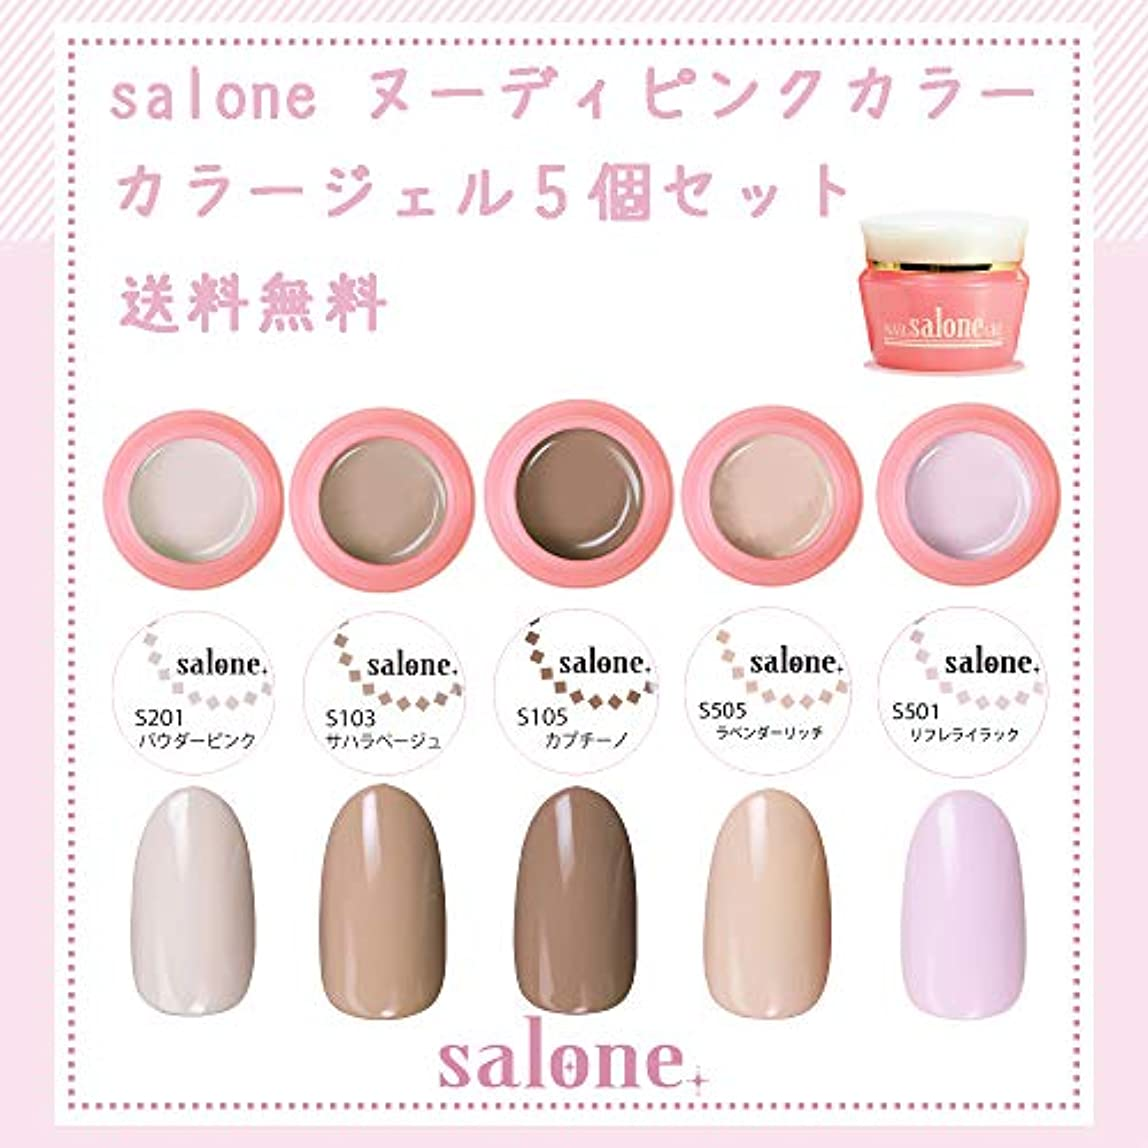 全くエーカー行商人【送料無料 日本製】Salone ヌーディピンク カラージェル5個セット サロンで人気のピンクベースの肌馴染みの良い上品なヌーディカラー